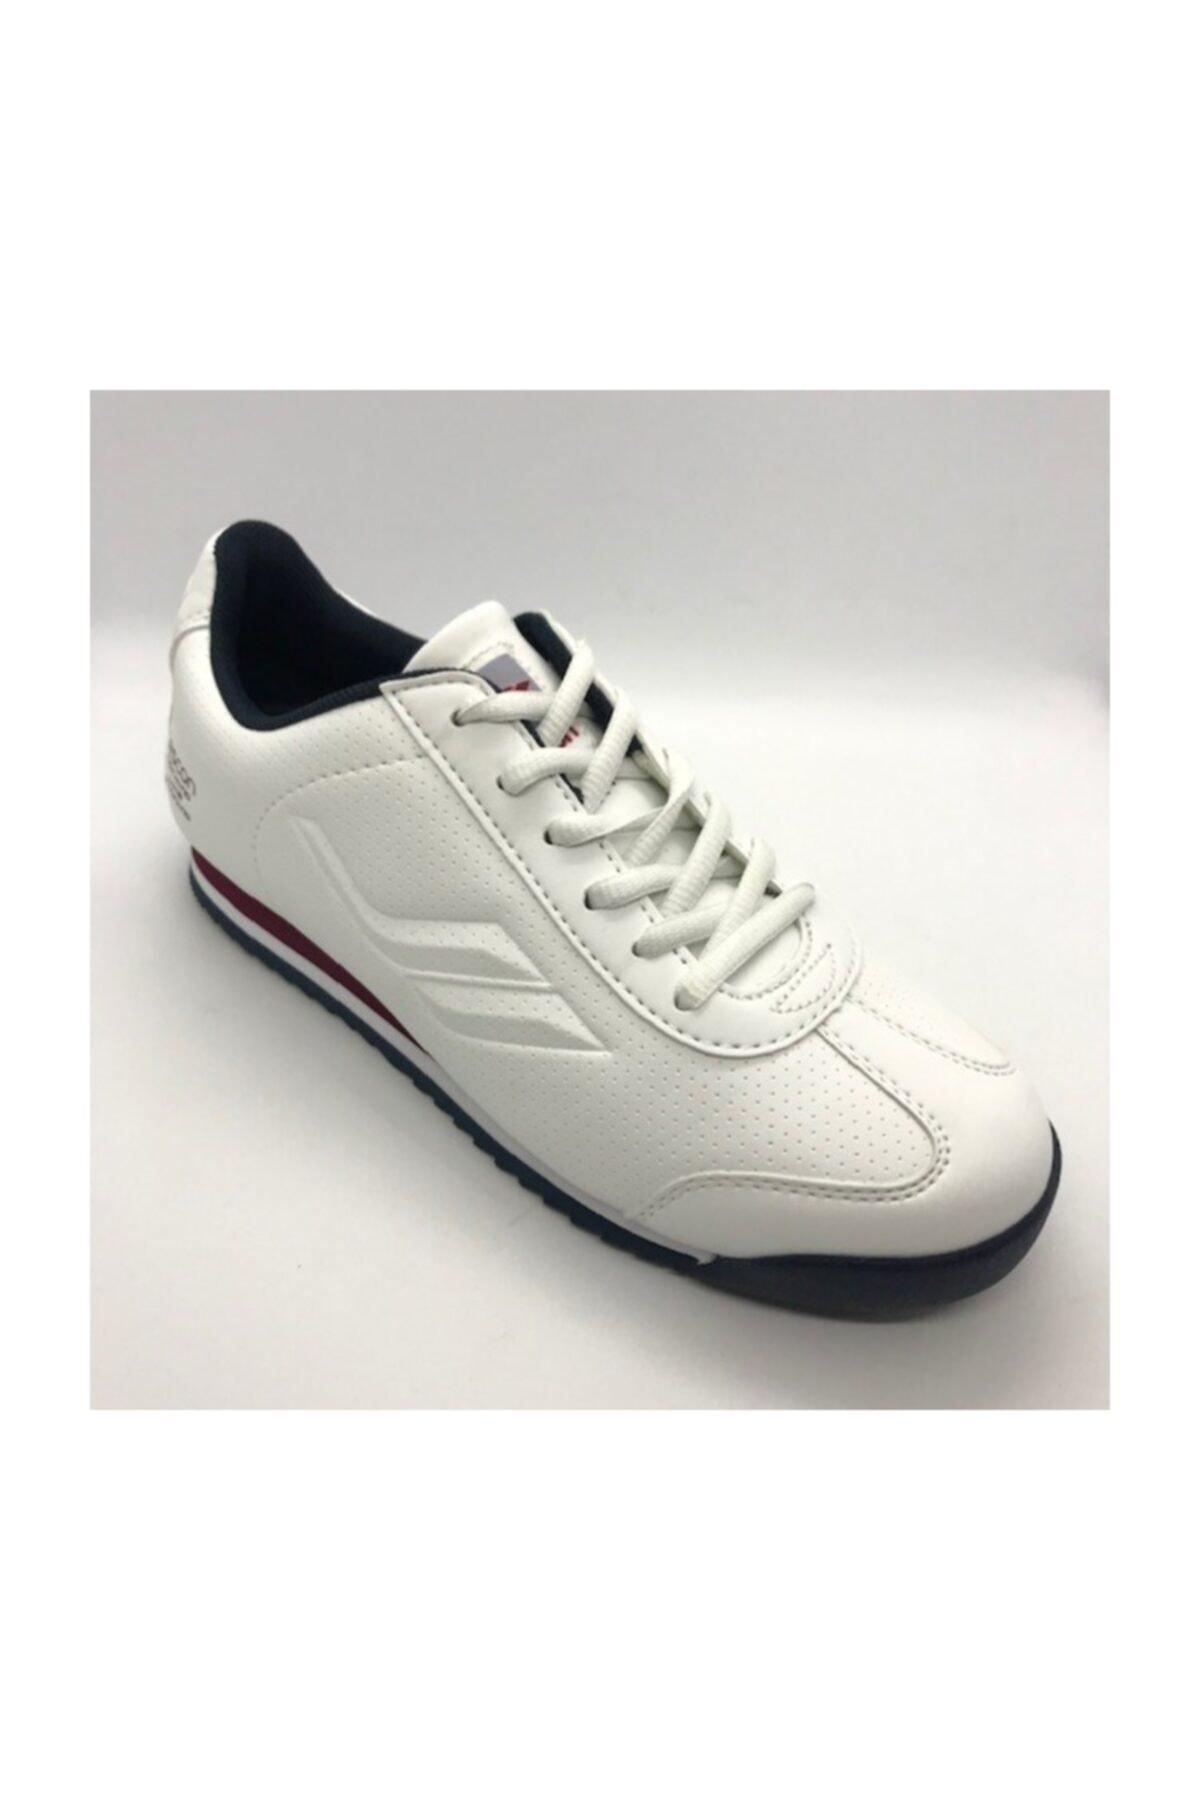 Lescon Sneakers Bayan Spor Ayakkabı 2